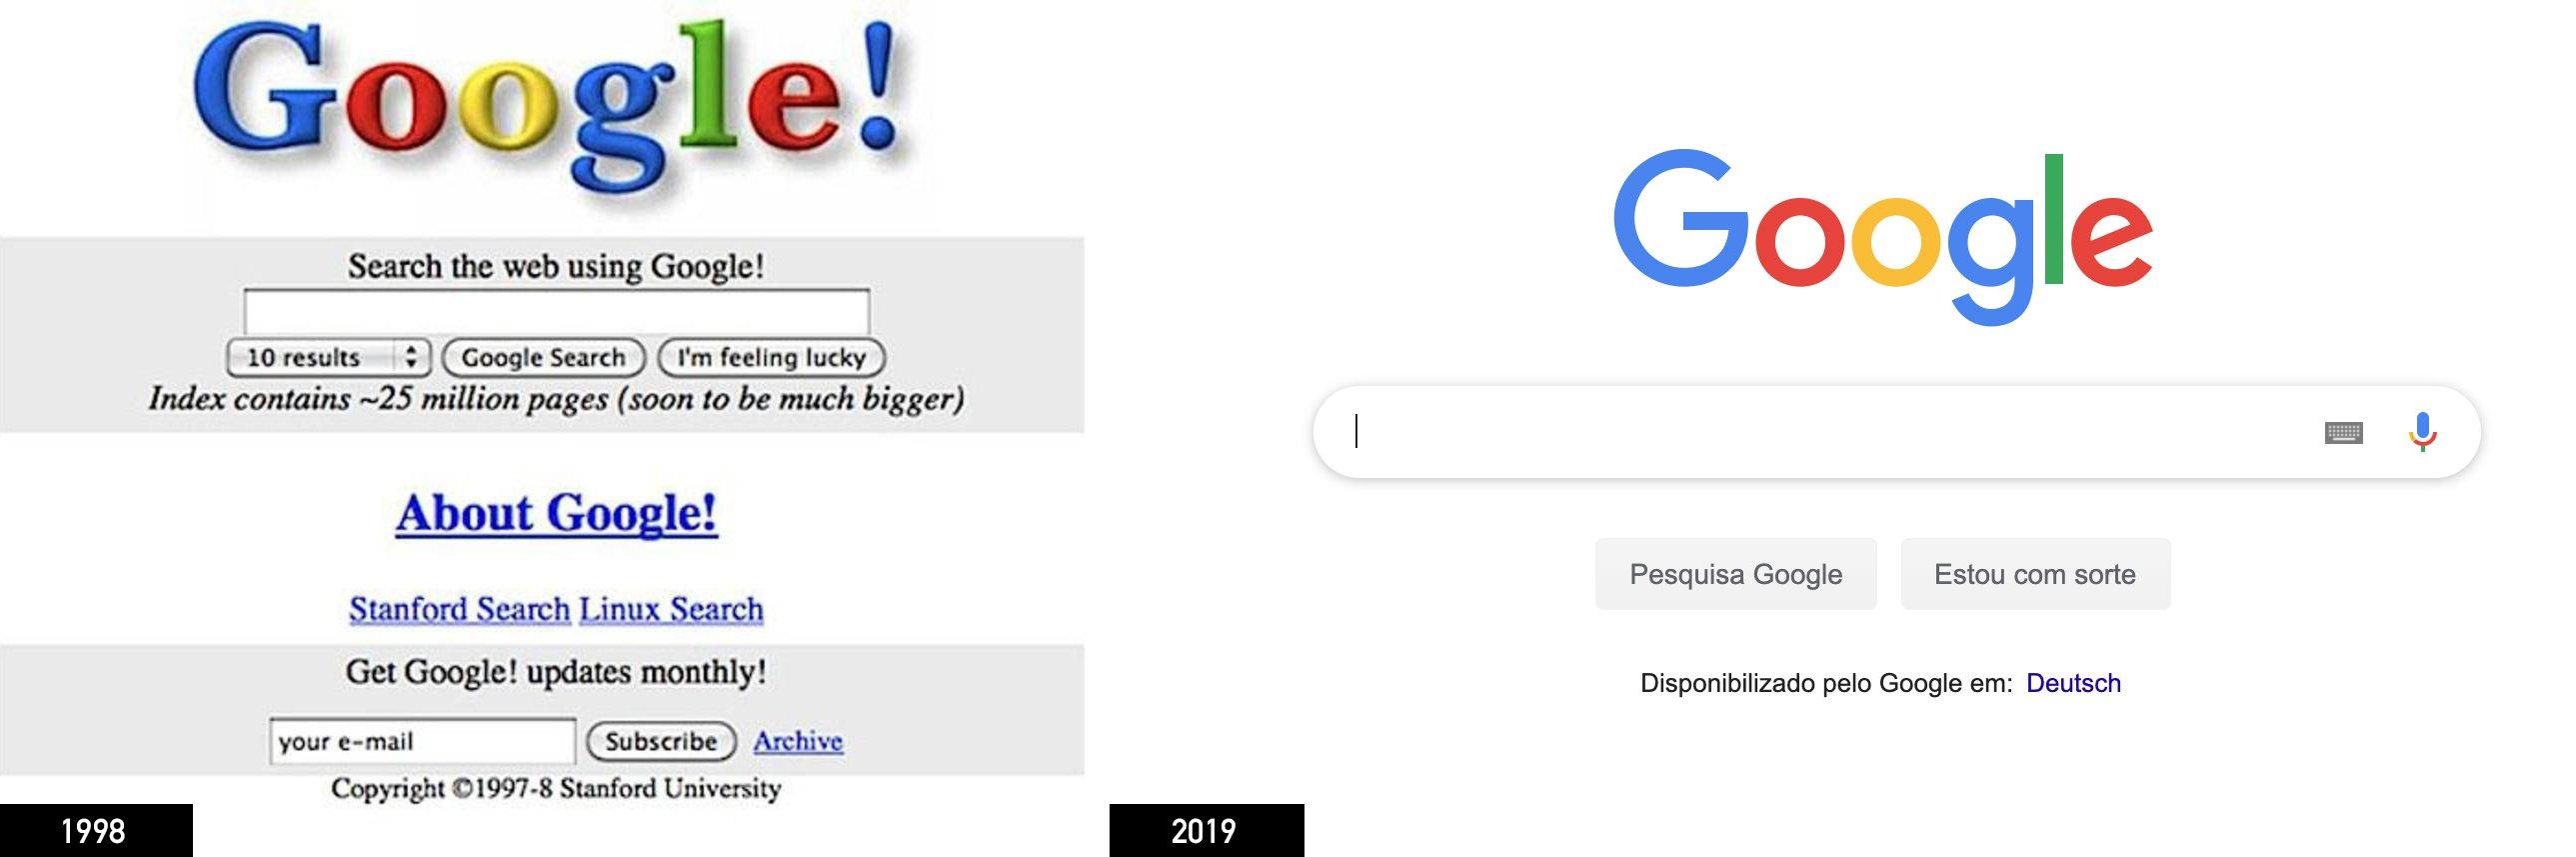 Google em 1998 e em 2019